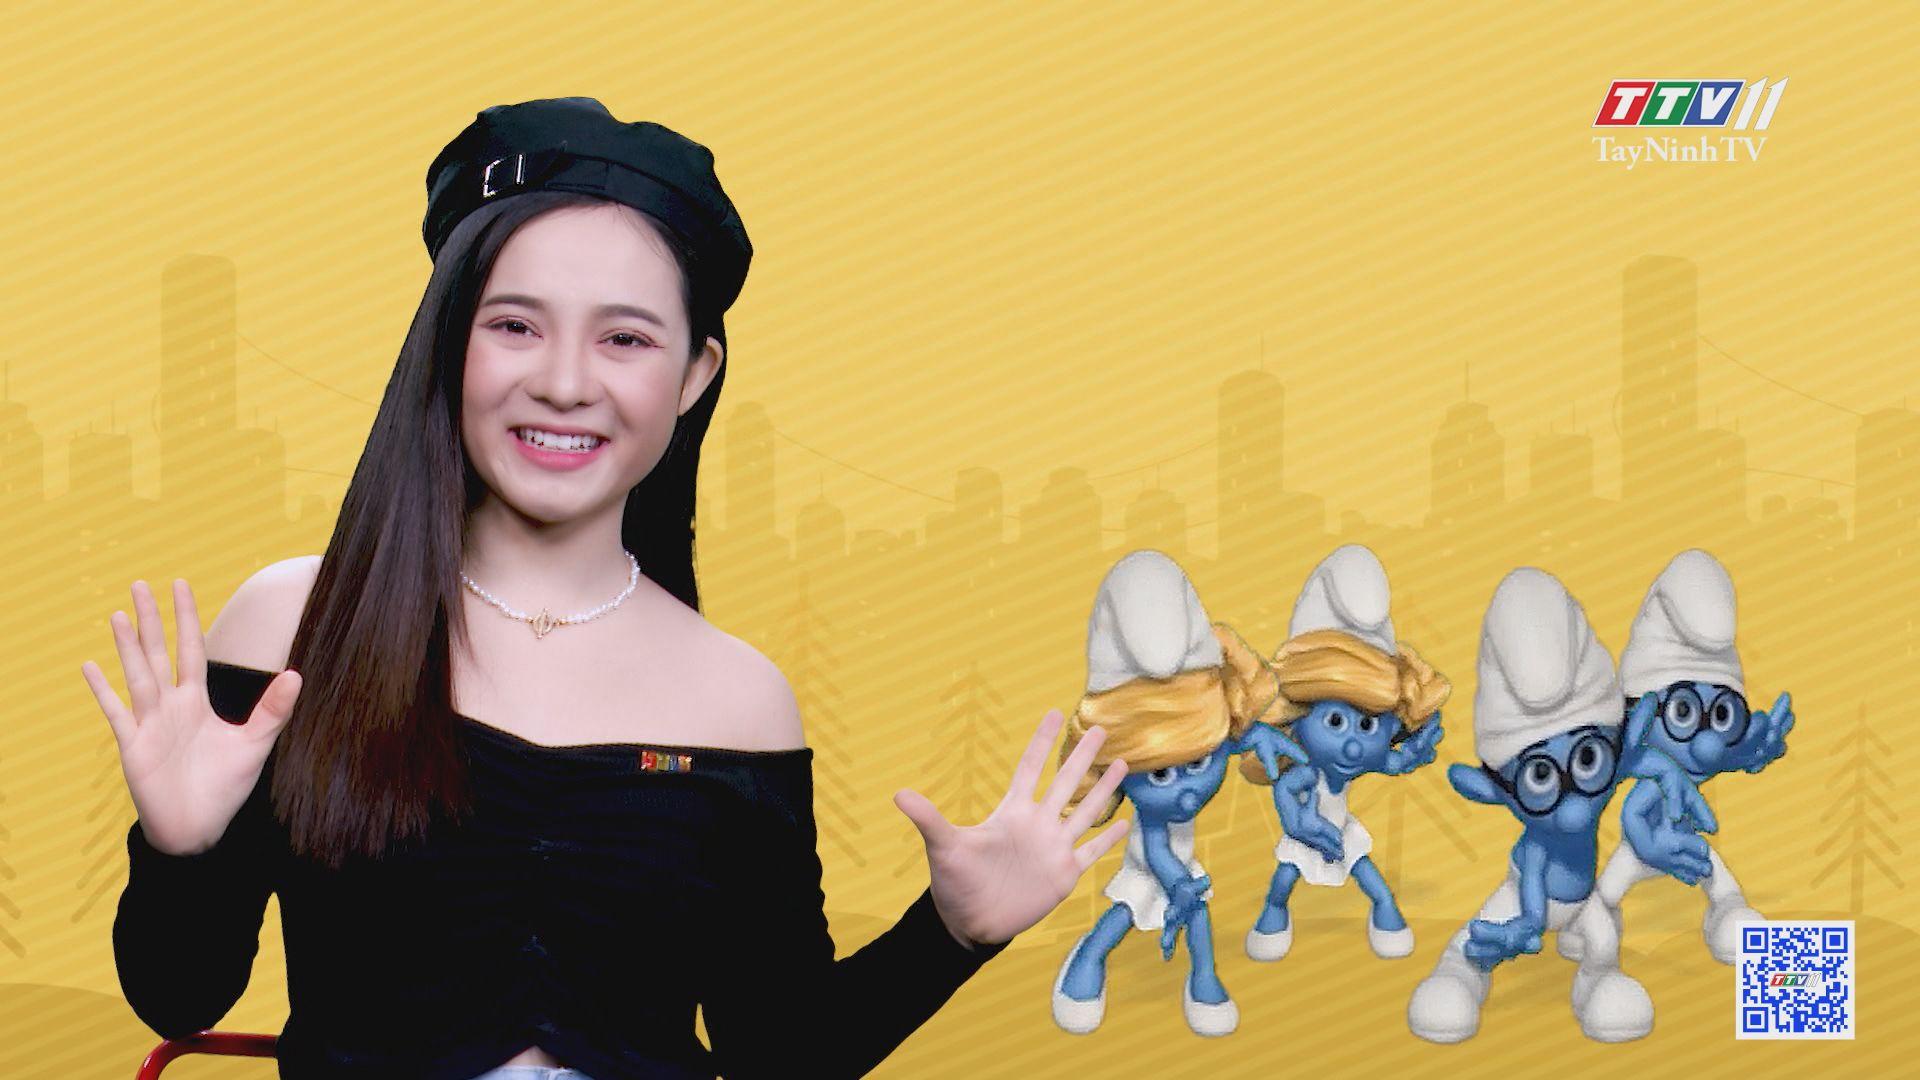 Kỷ lục thế giới về hóa trang thành nhân vật xì trum | CHUYỆN ĐÔNG TÂY KỲ THÚ | TayNinhTV